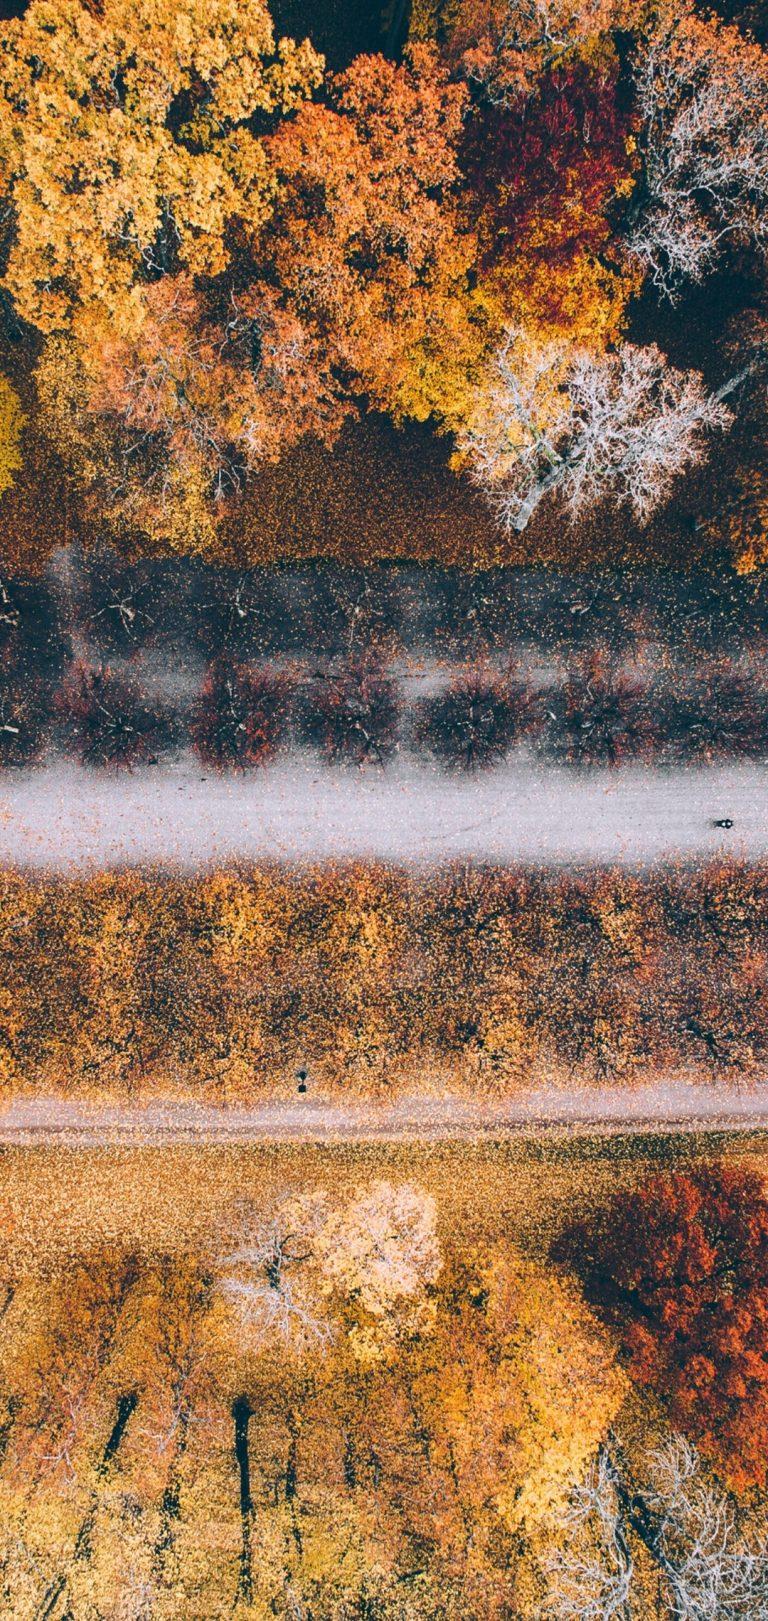 1080x2280 Wallpaper 059 768x1621